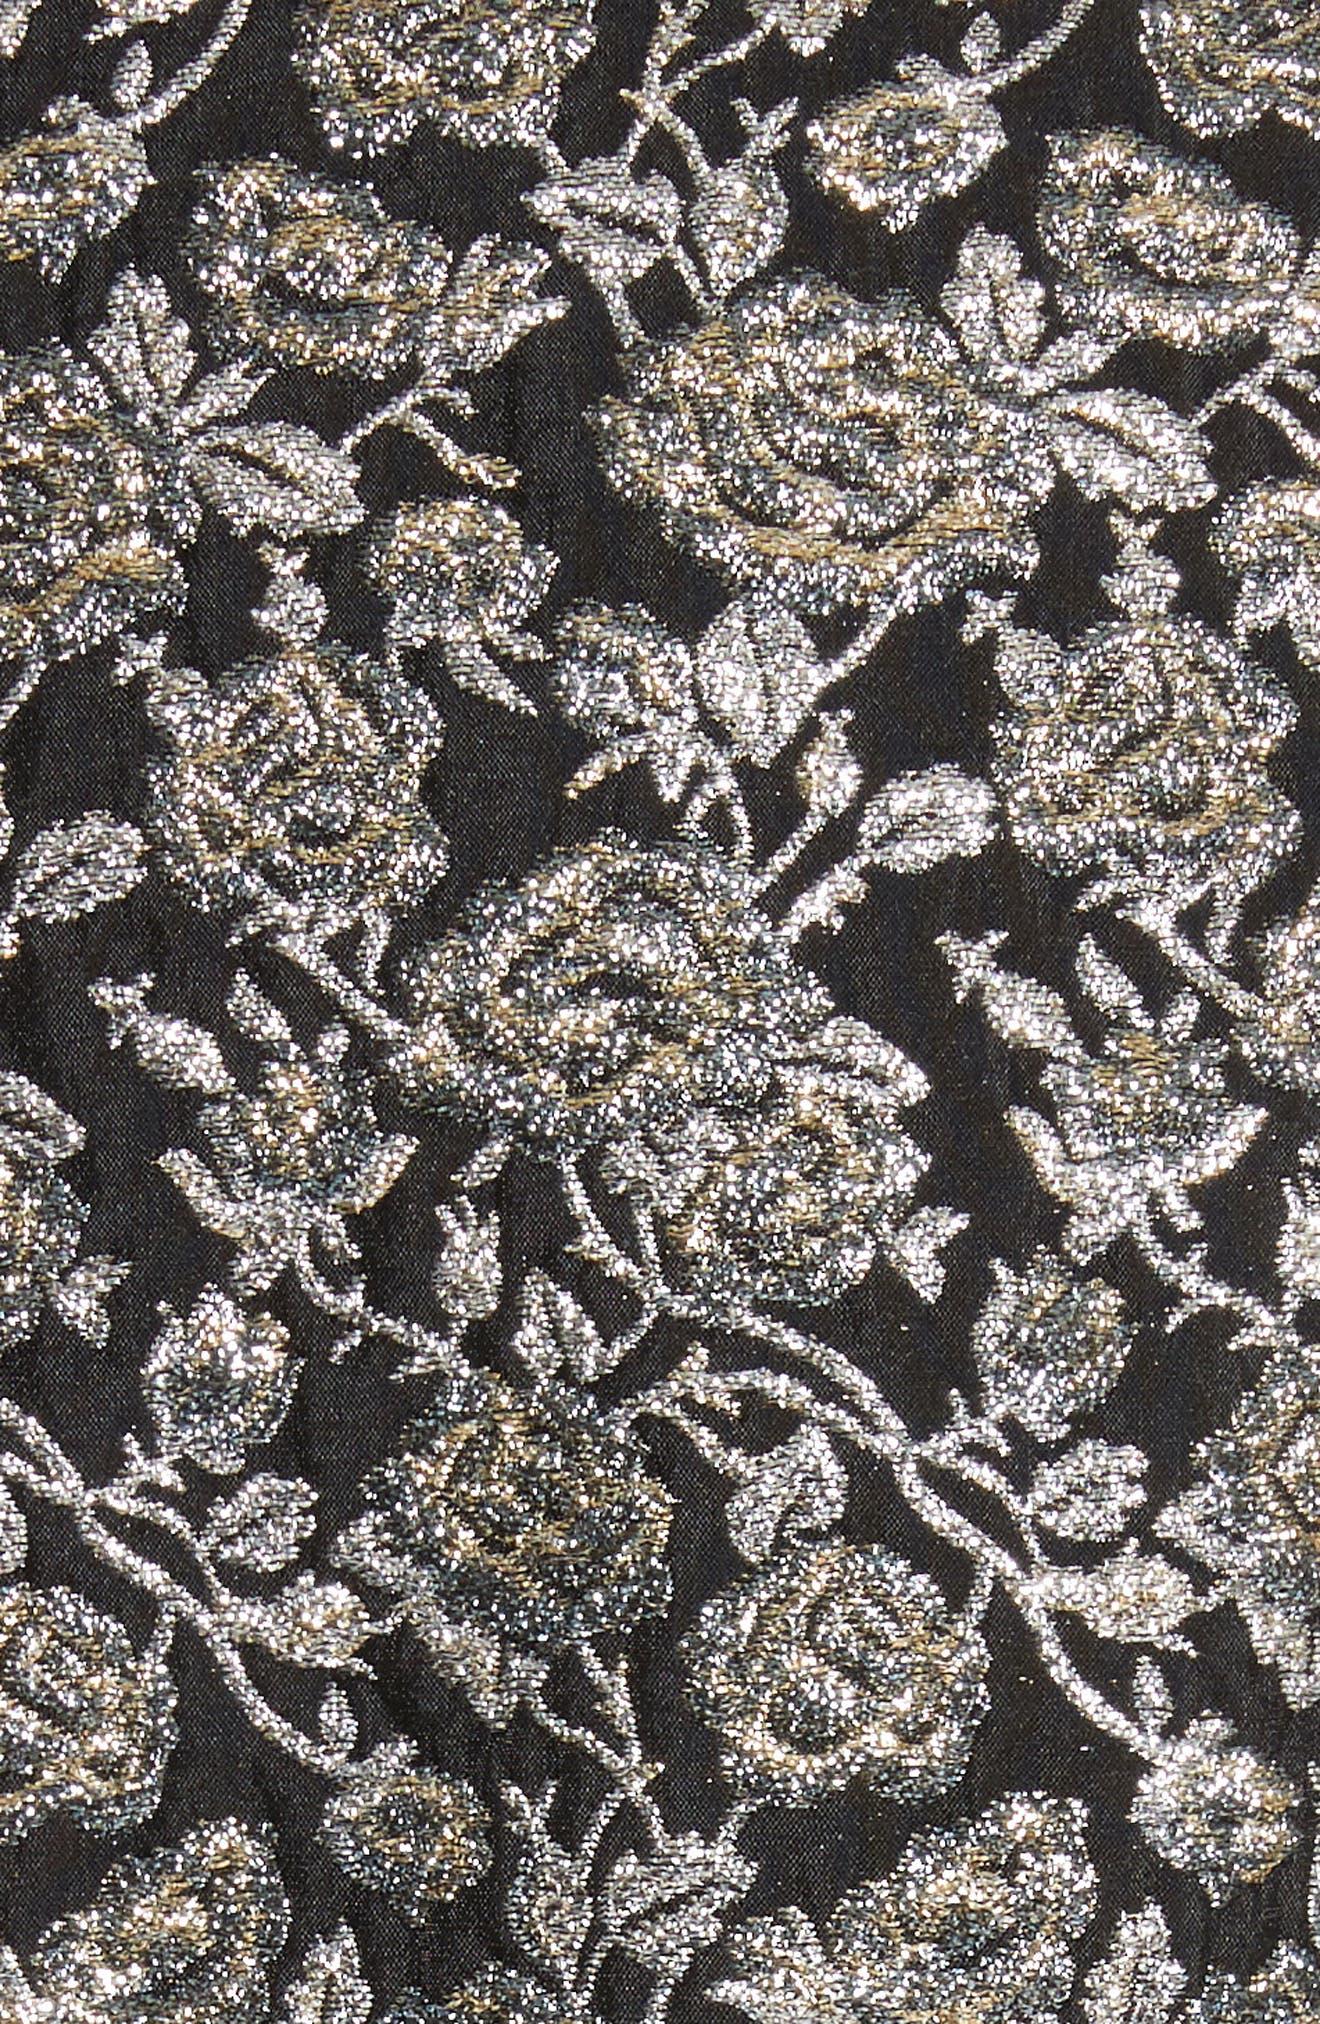 Metallic Jacquard Sheath Dress,                             Alternate thumbnail 5, color,